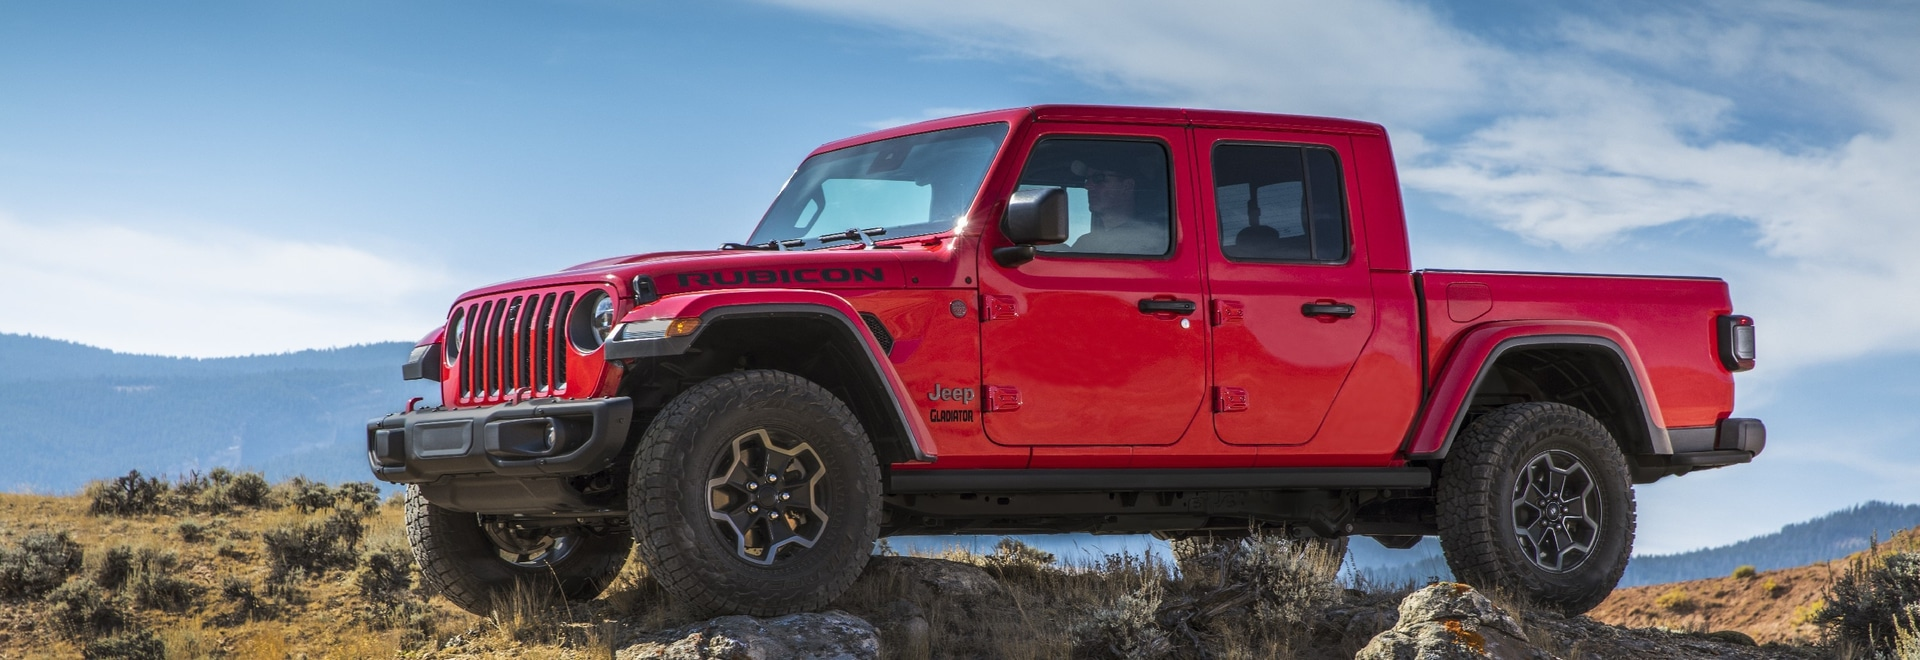 """Jeep stellt langerwarteten Gladiator vor: """"Die meiste fähige mittelgroße Aufnahme überhaupt"""""""